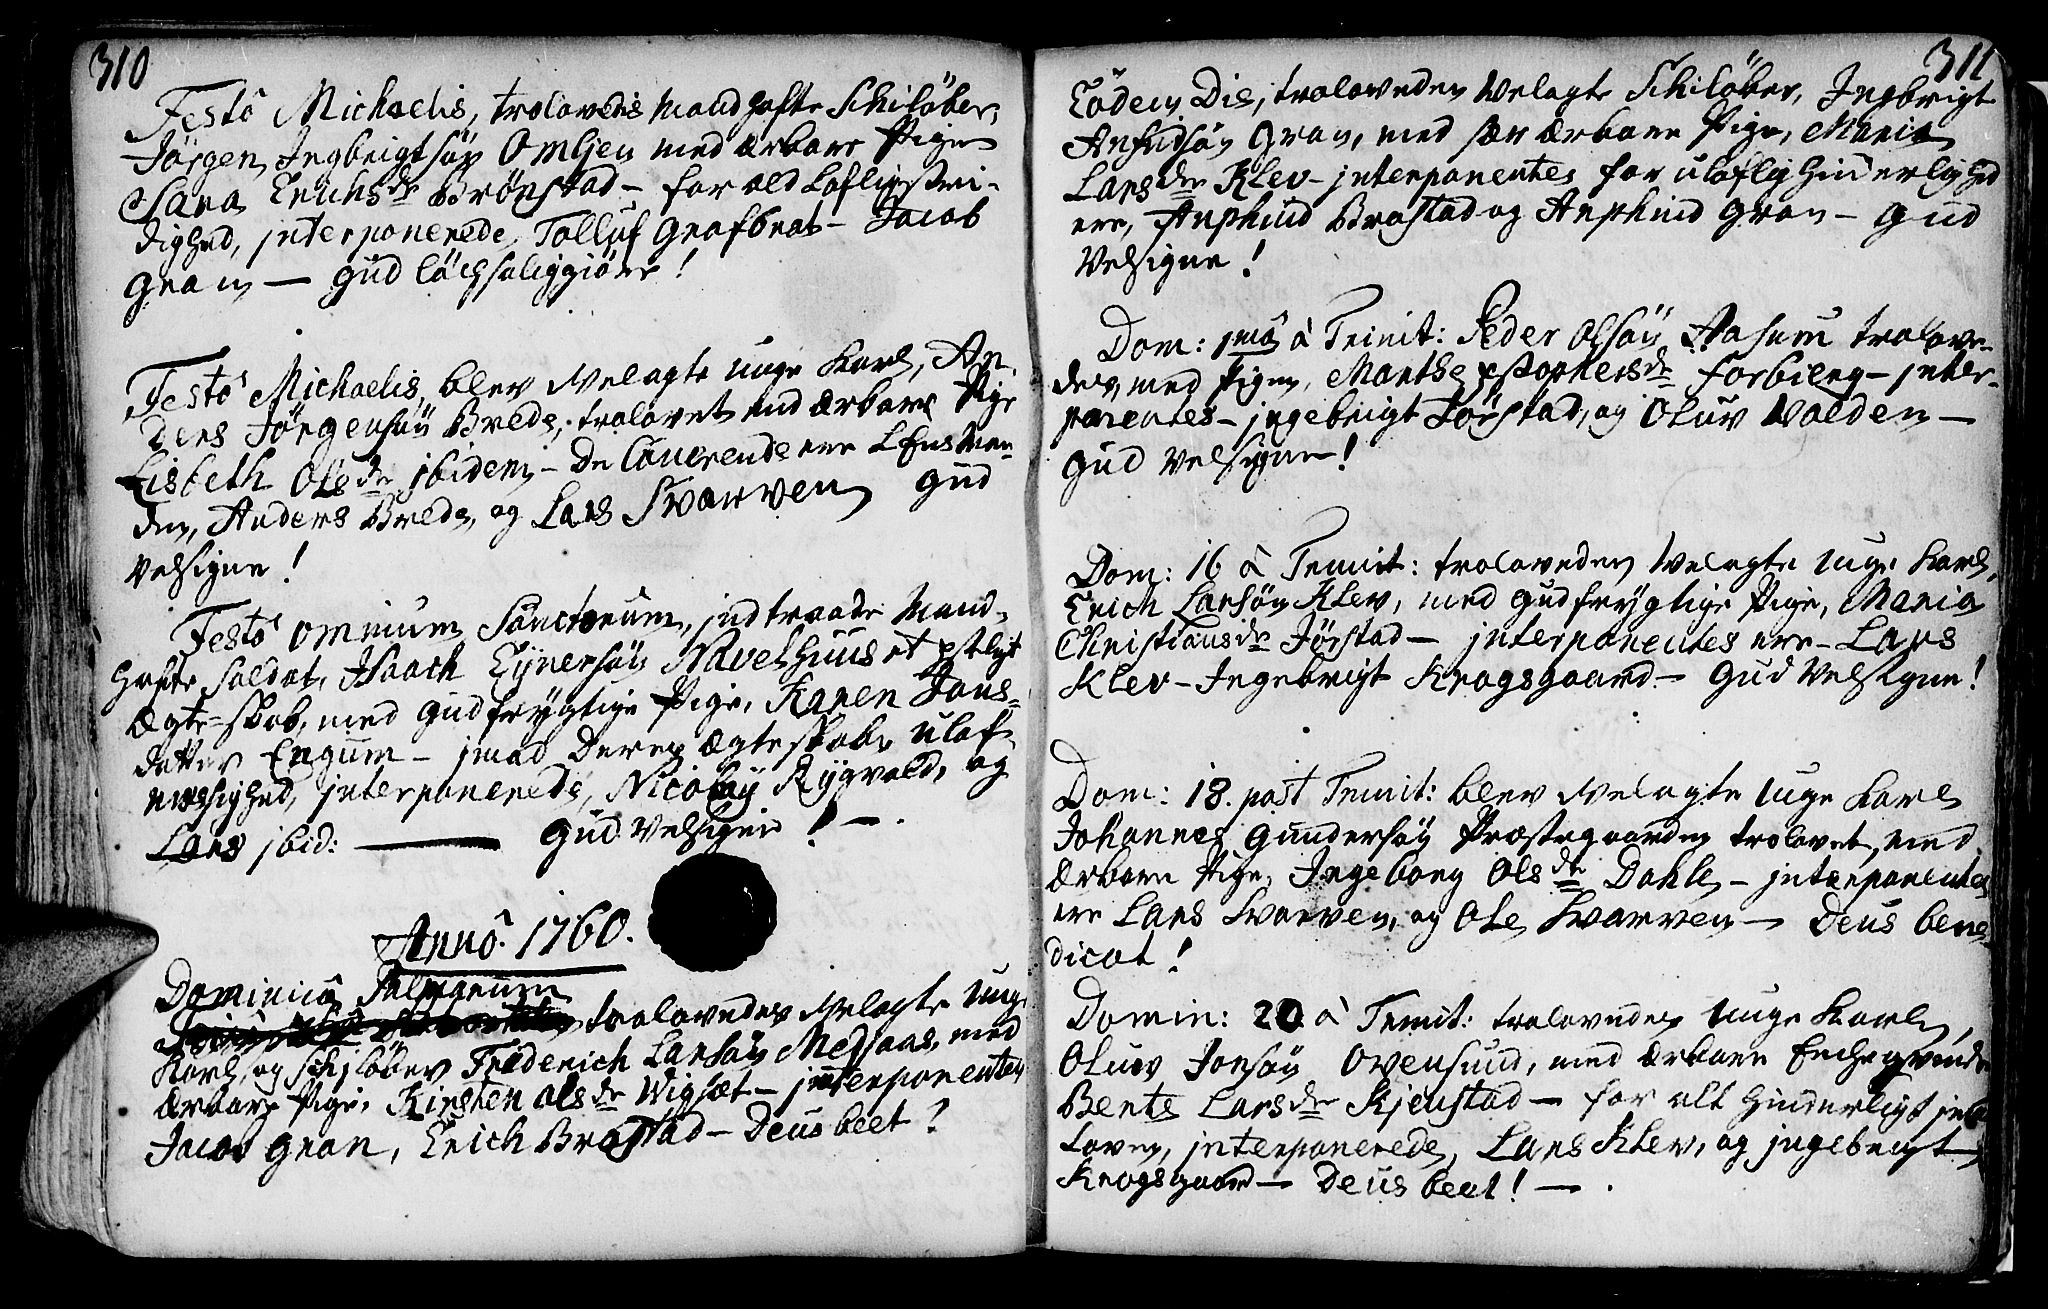 SAT, Ministerialprotokoller, klokkerbøker og fødselsregistre - Nord-Trøndelag, 749/L0467: Ministerialbok nr. 749A01, 1733-1787, s. 310-311